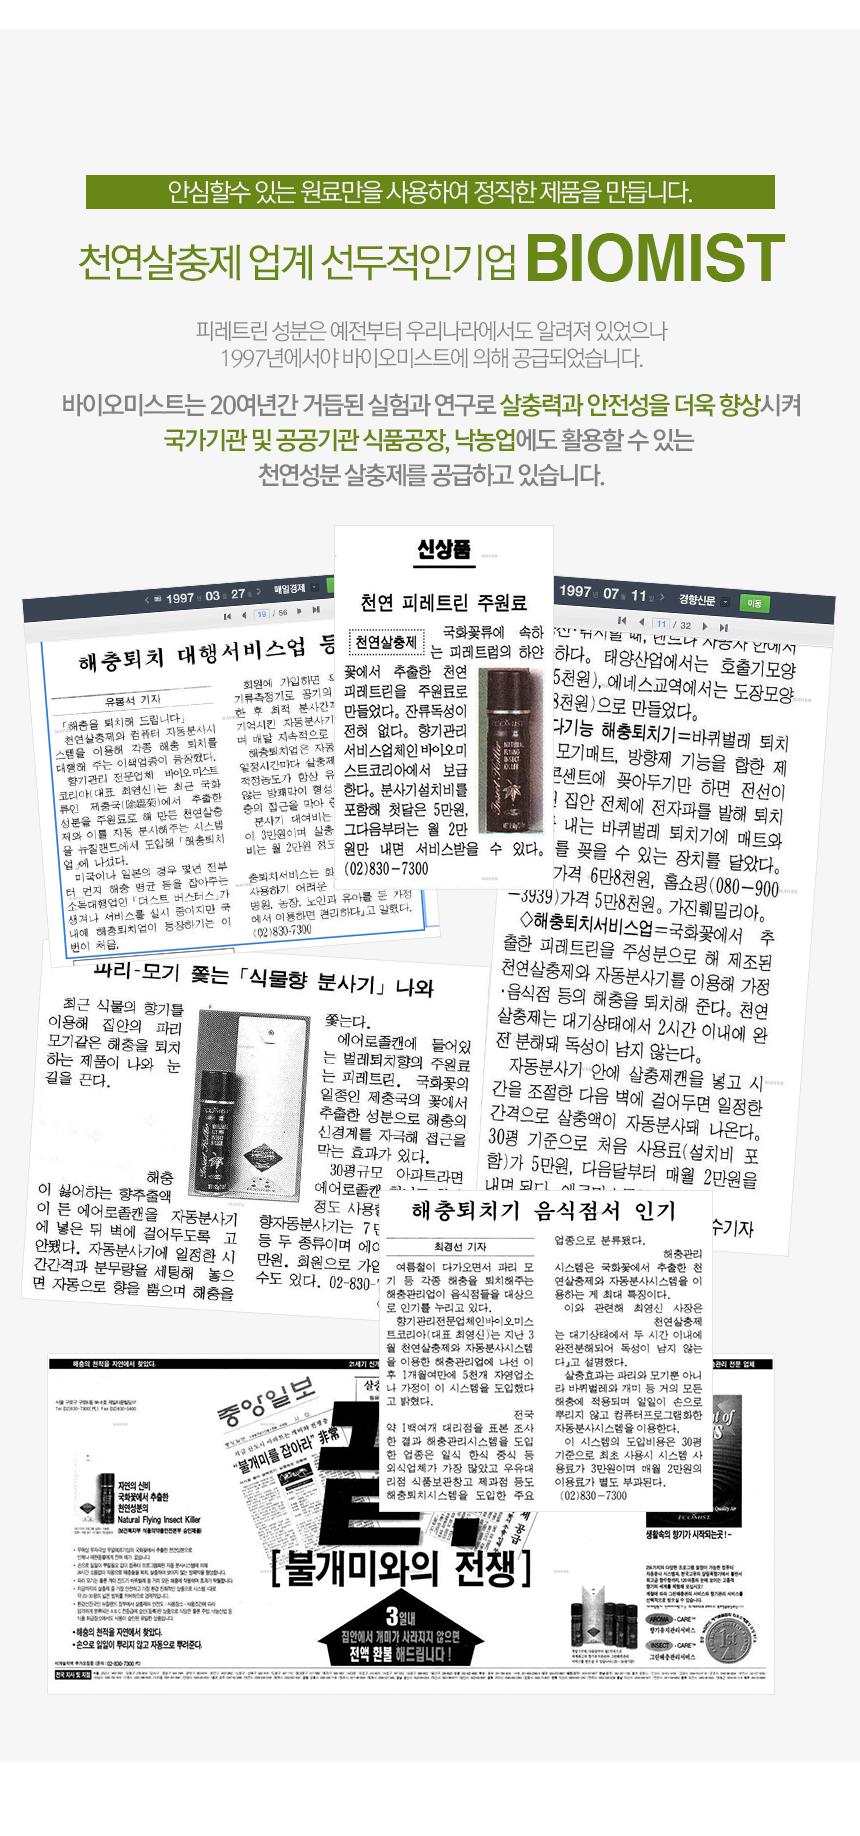 가정용 천연성분 살충제 내츄럴인섹트 - 2종세트 (500ml) - 바이오미스트, 28,500원, 여름용품, 모기퇴치용품